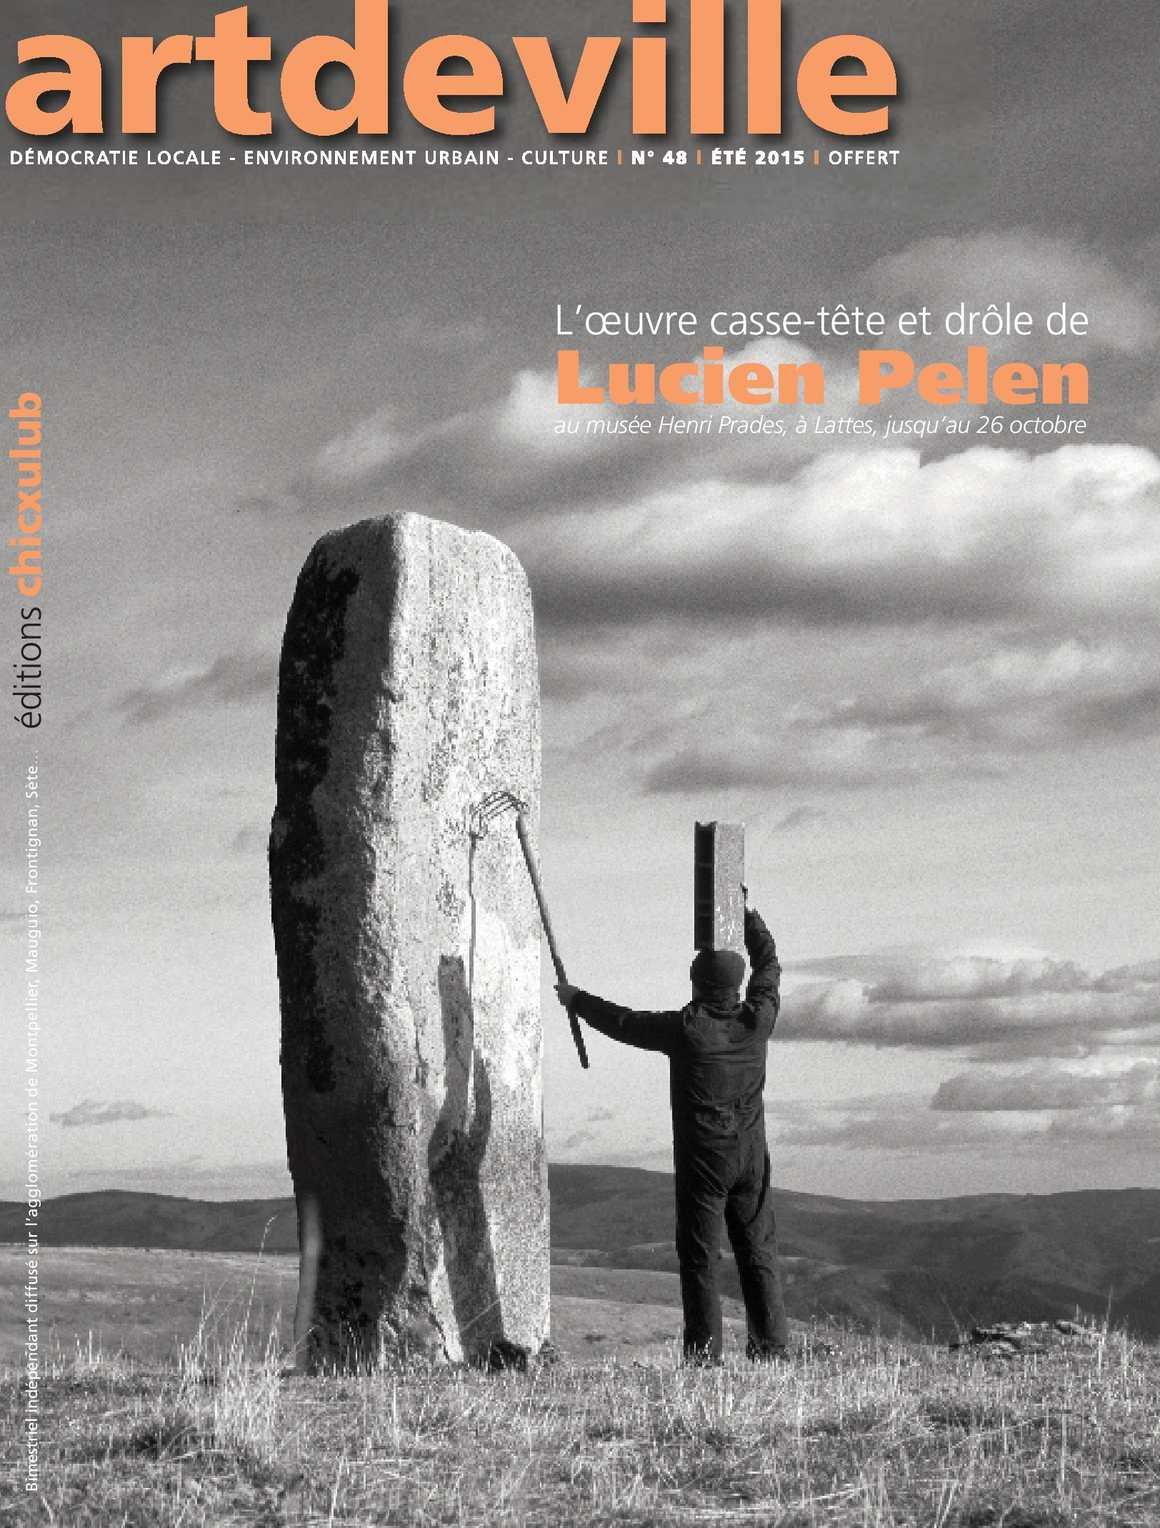 Rencontre avec David Le Breton à la librairie Kléber à Strasbourg - Editions Métailié